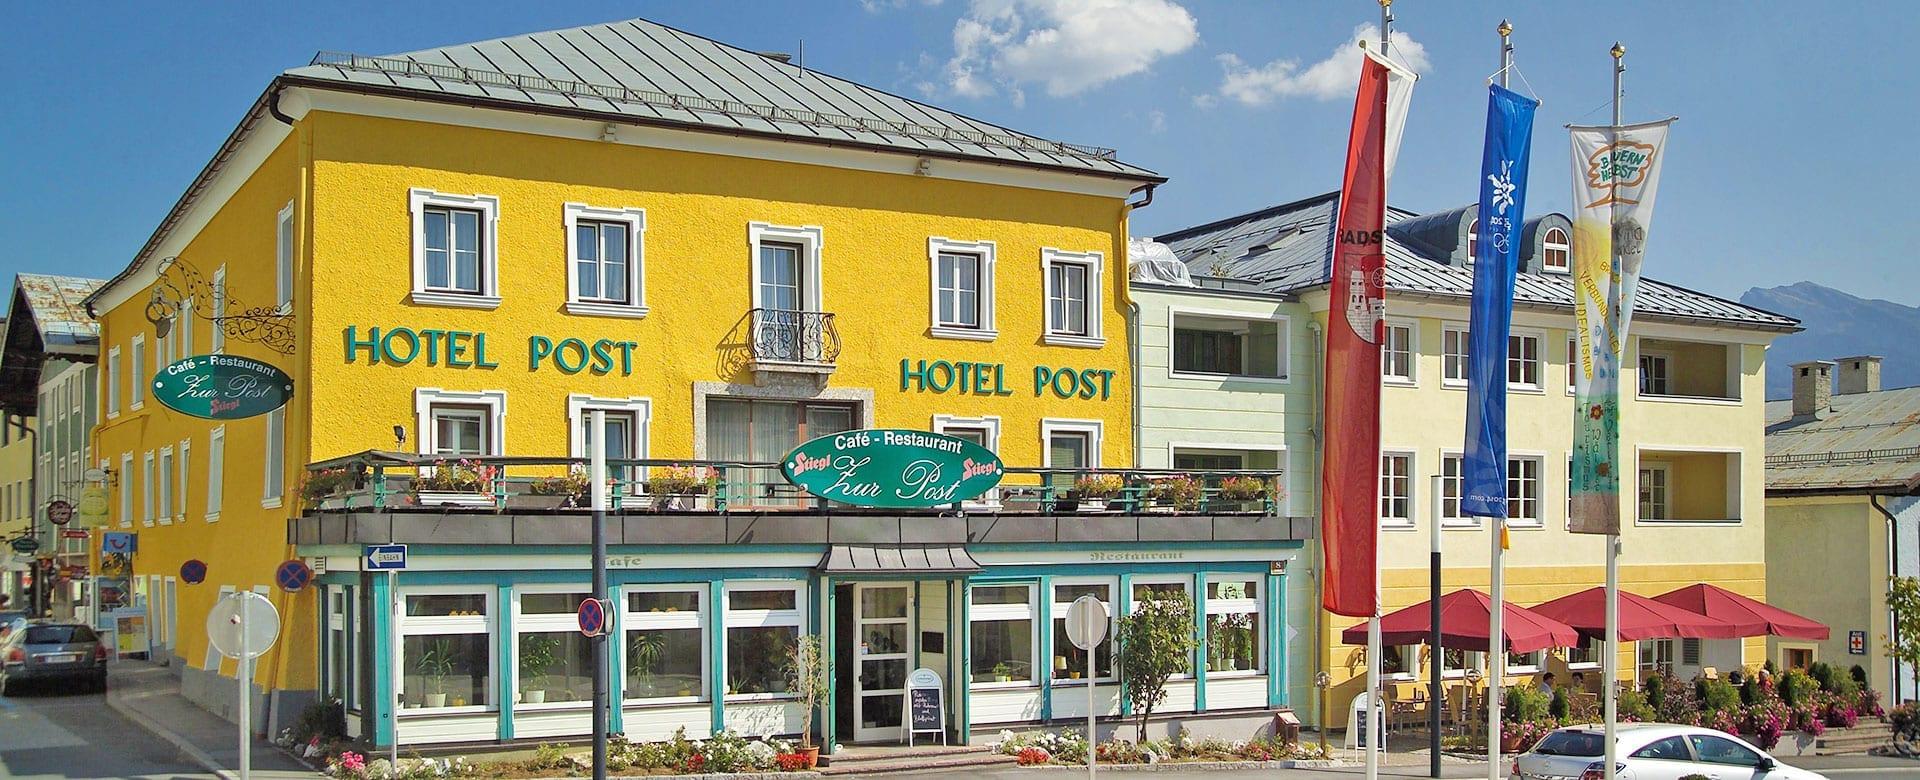 Anreise zum Hotel Post in Radstadt, Salzburger Land, Ski amadé